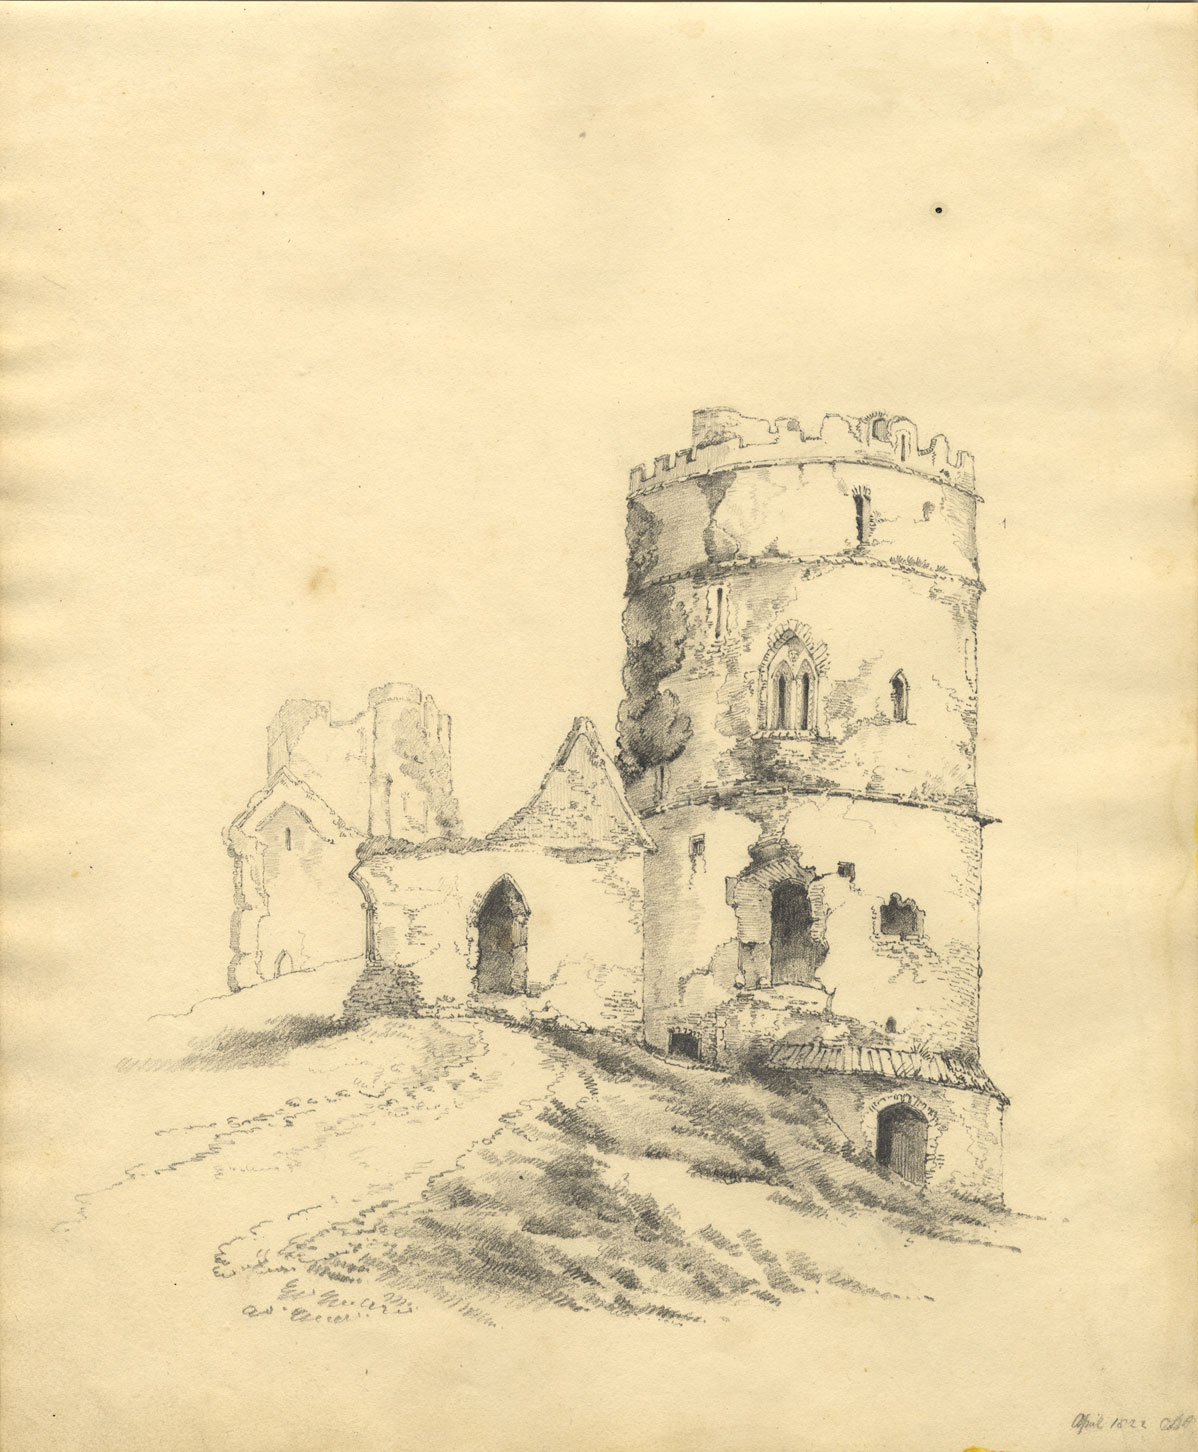 Maison En Ruine Dessin détails sur c.b. pearson, ruine tour château - dessin original 1822 de  graphite